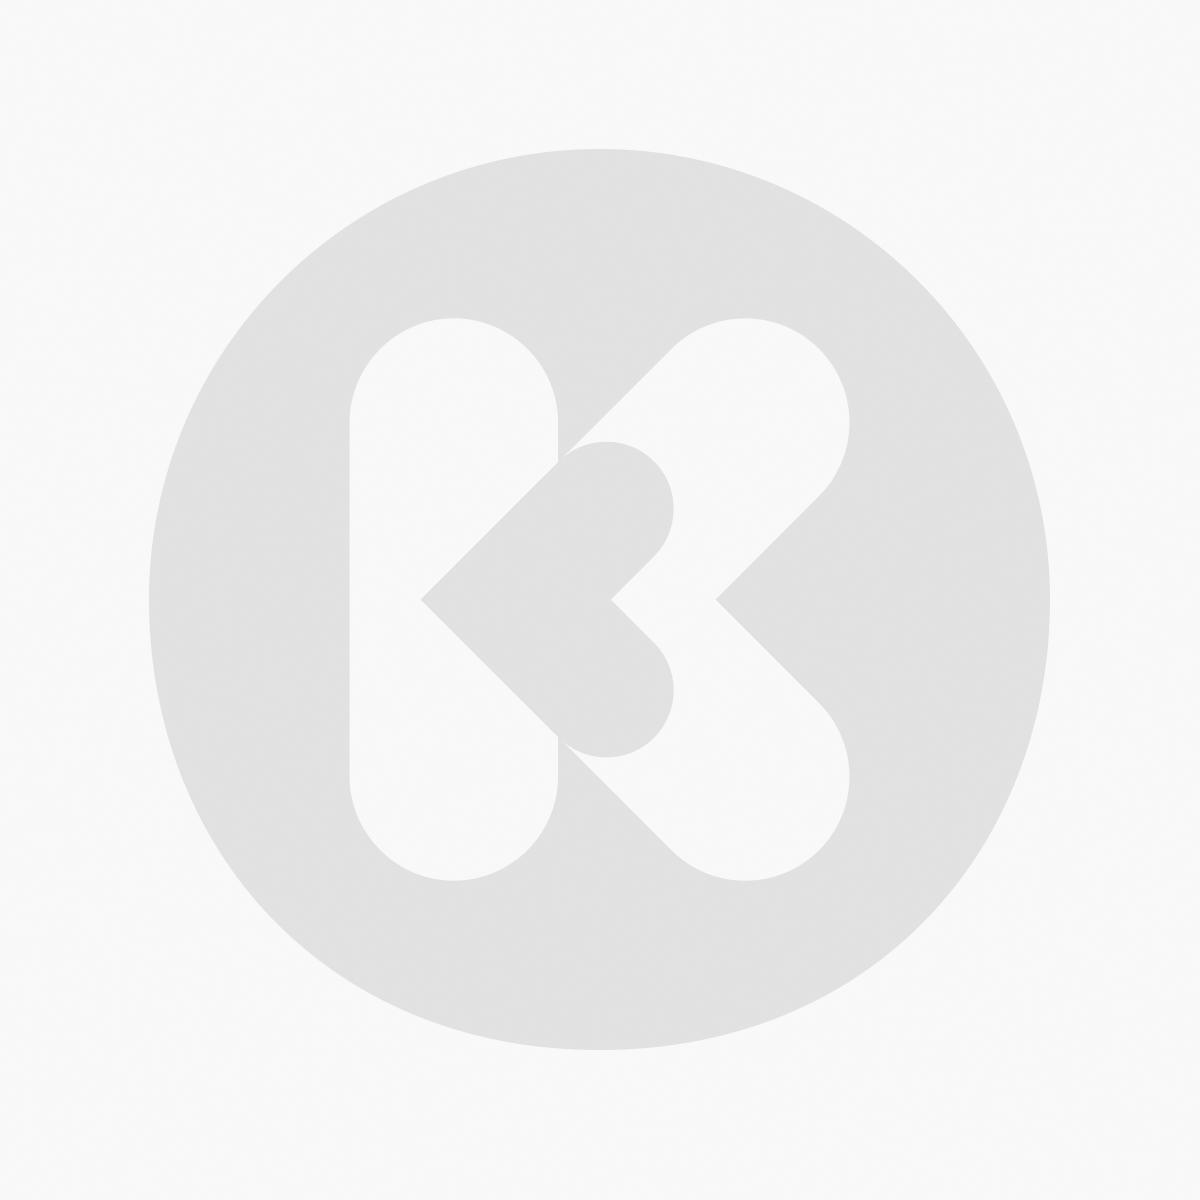 Dung dịch vệ sinh phụ nữ Nano Hương thầm (60 ml)